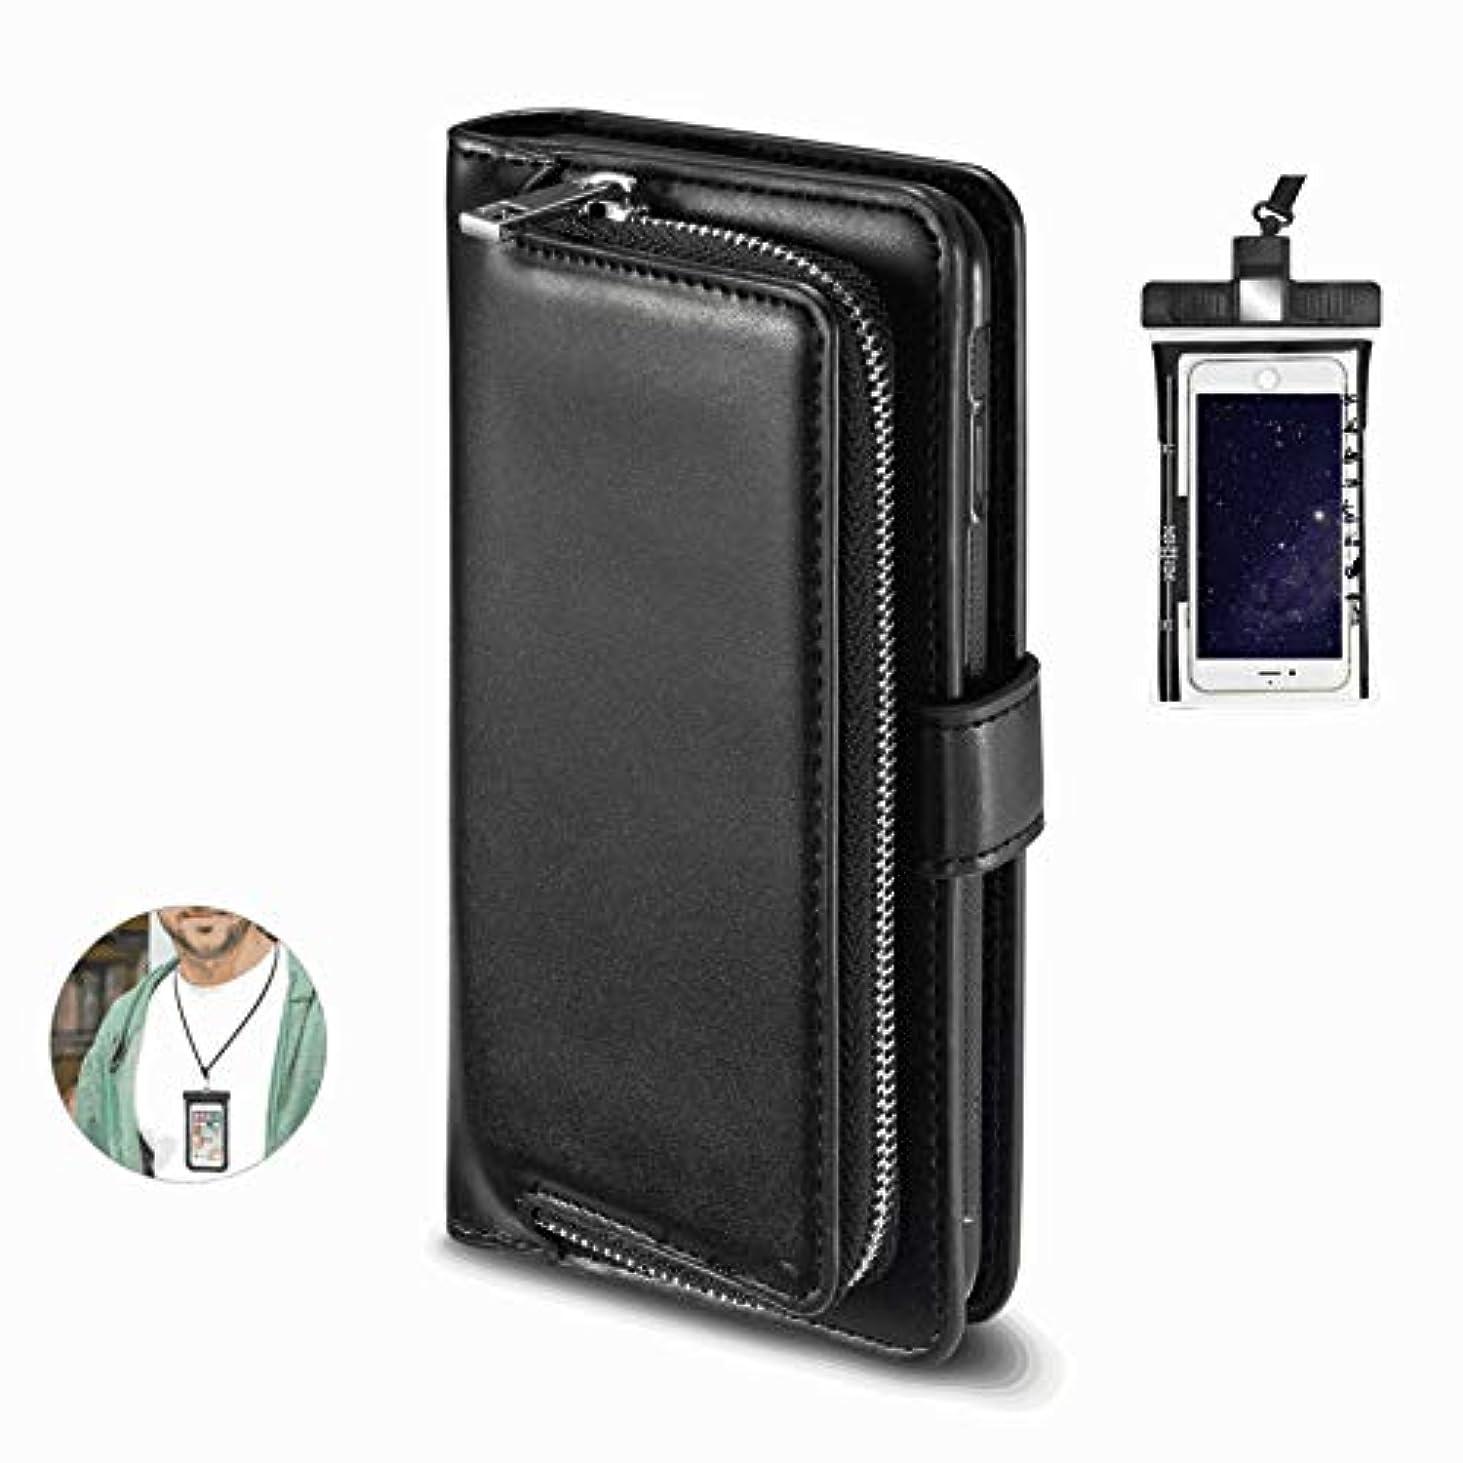 自発自発小競り合い耐摩擦 手帳型 iPhone 11 Pro Max ケース アイフォン レザーケース 財布型 カード収納 マグネット式 保護ケース 軽量 スマホケース スマートフォンケース 全面保護 [無料付防水ポーチ水泳など適用]